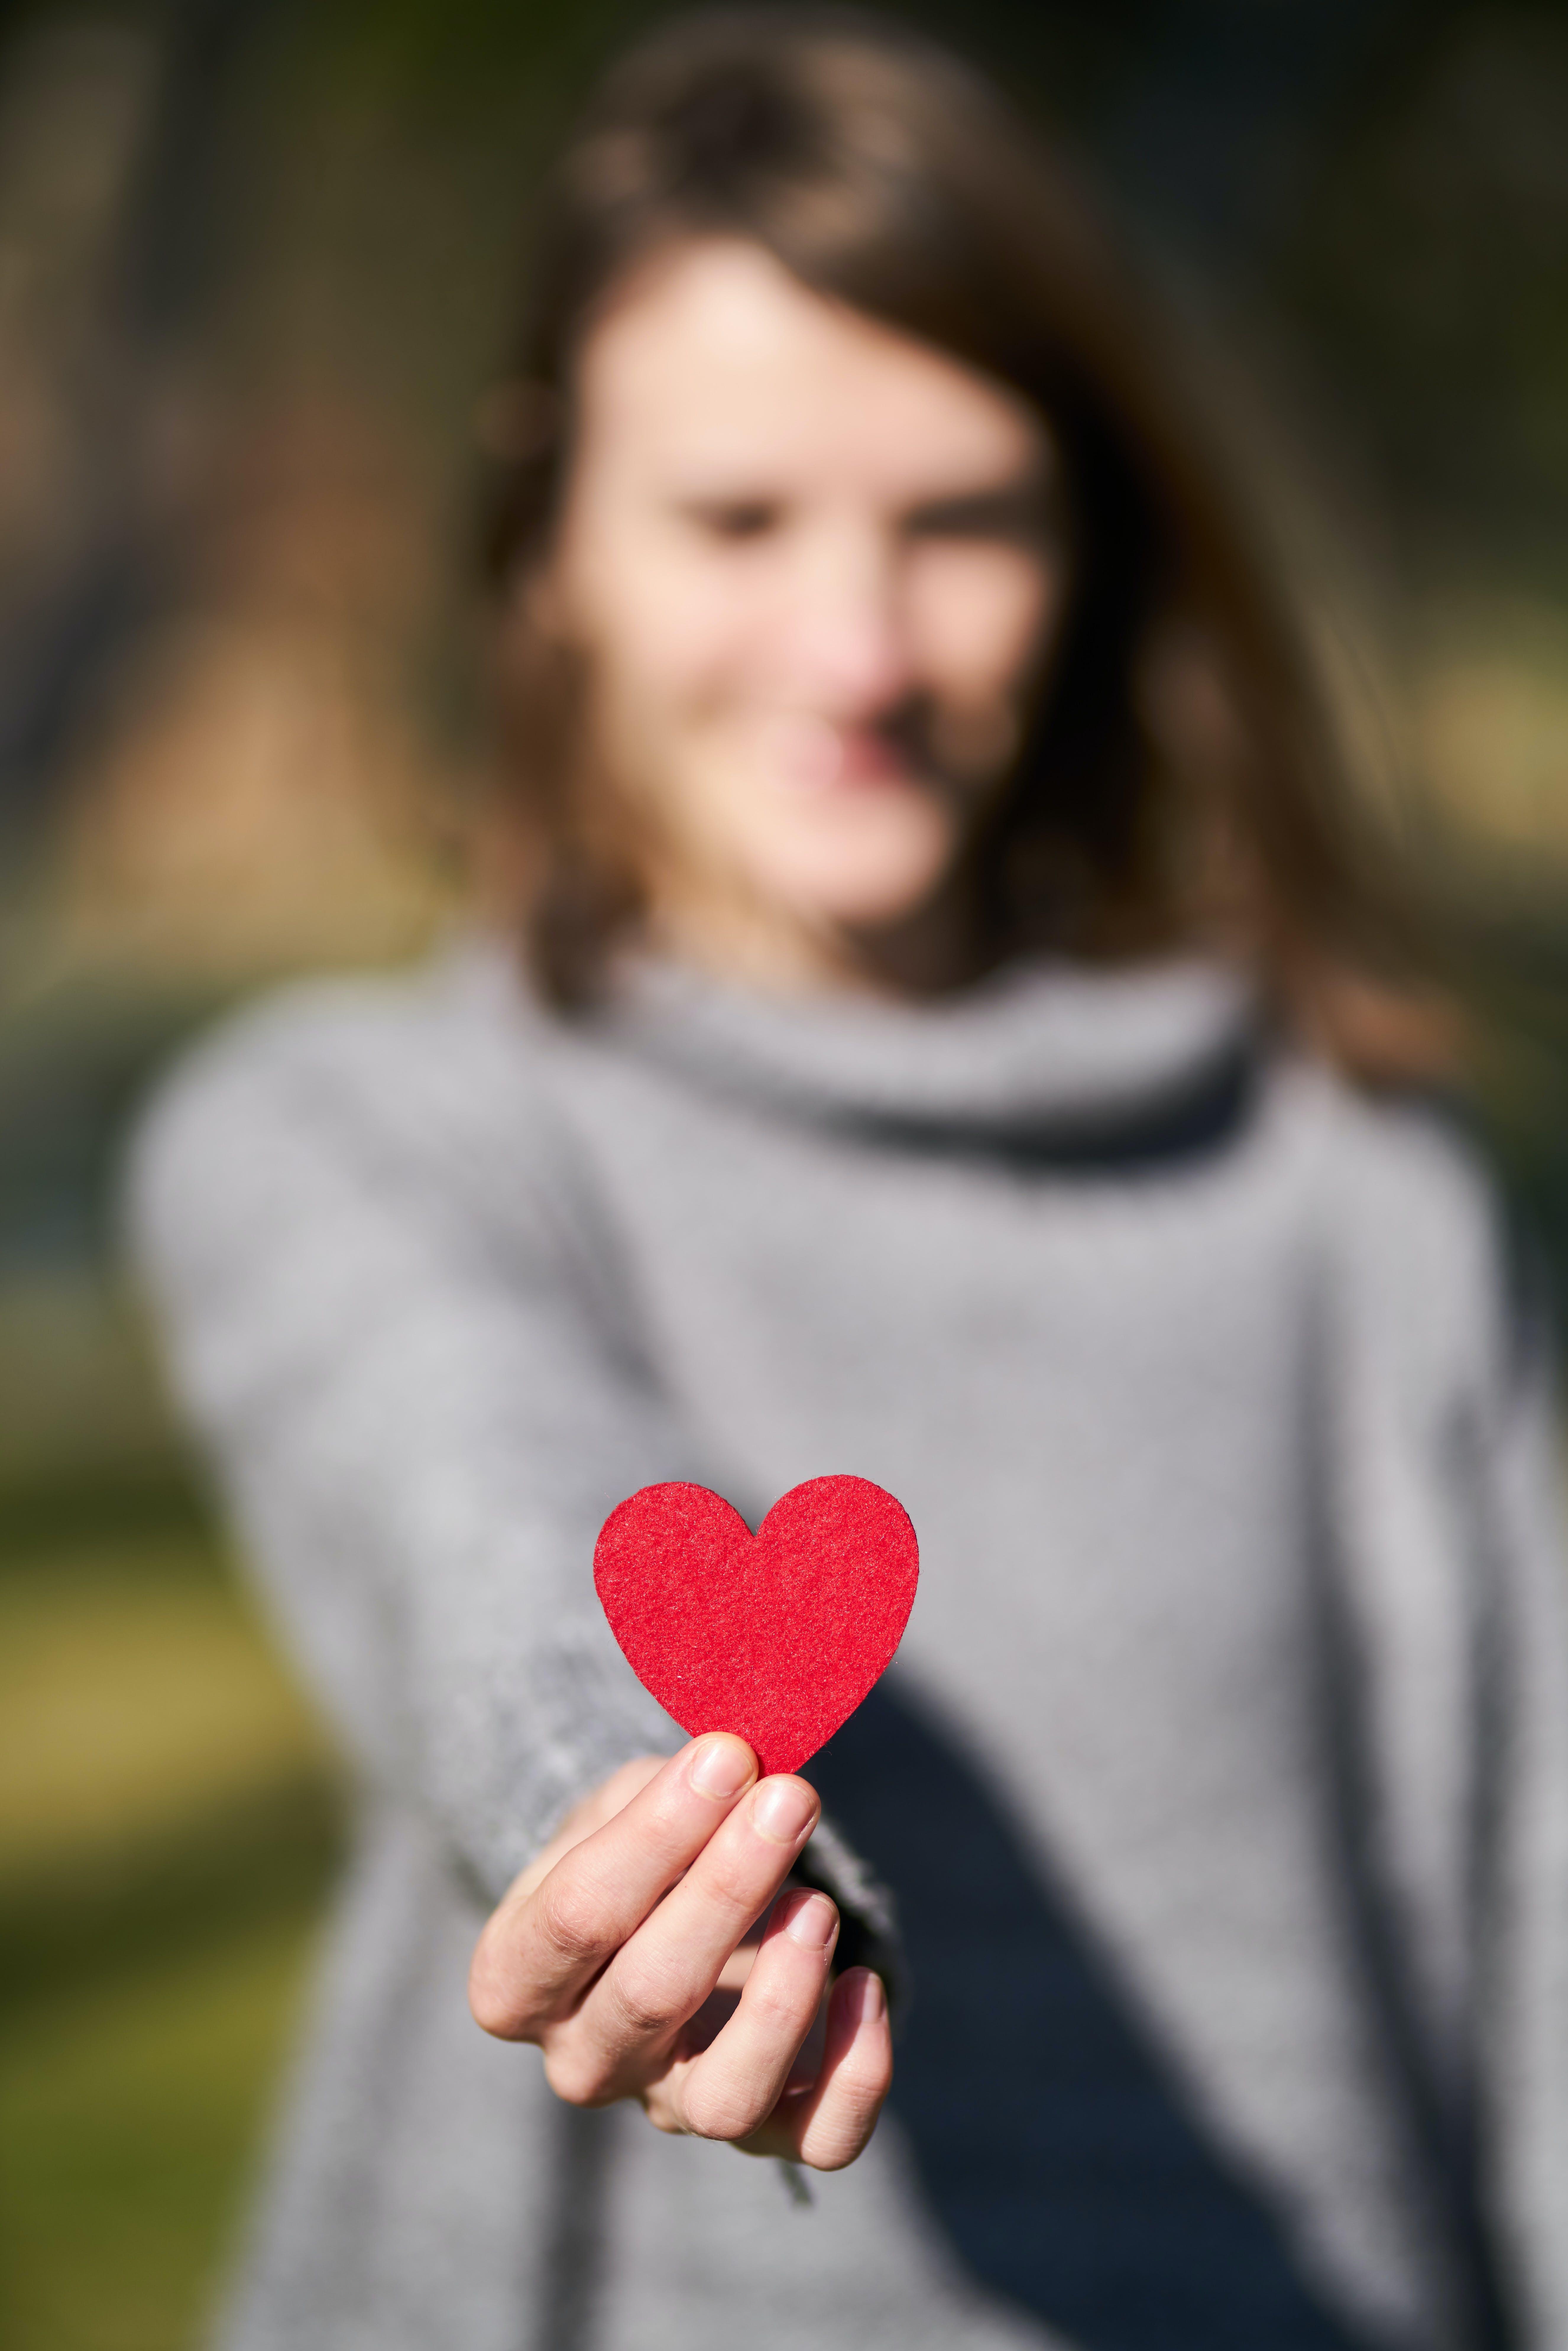 Безкоштовне стокове фото на тему «жінка, макрофотографія, персона, серце»